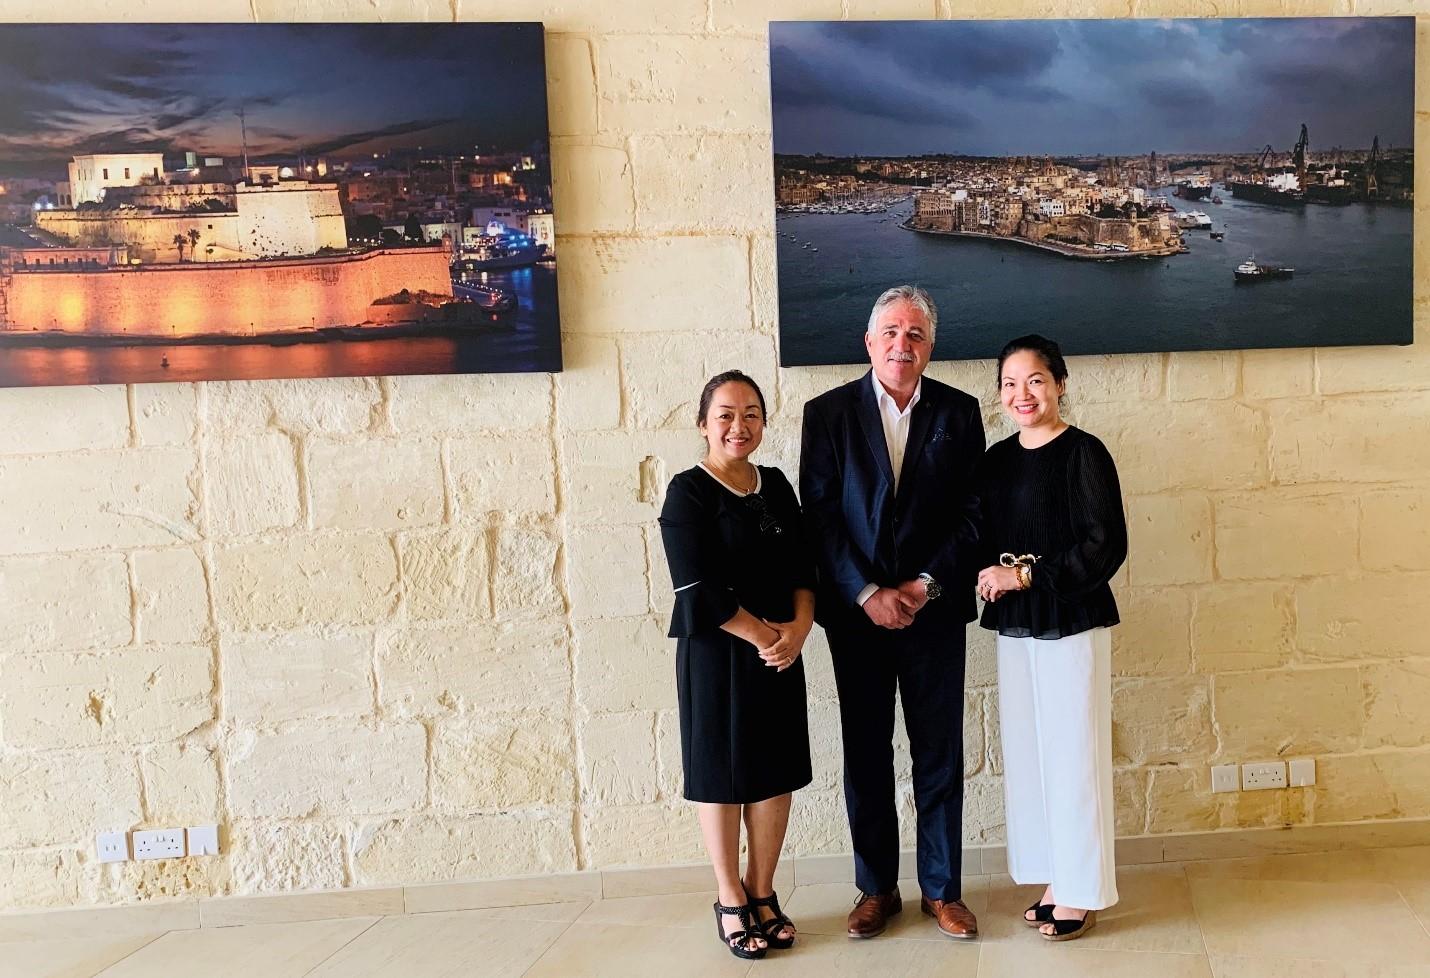 Làm việc với Nguyên cục trưởng di trú Malta – Hình trong chuyến khảo sát của NVS